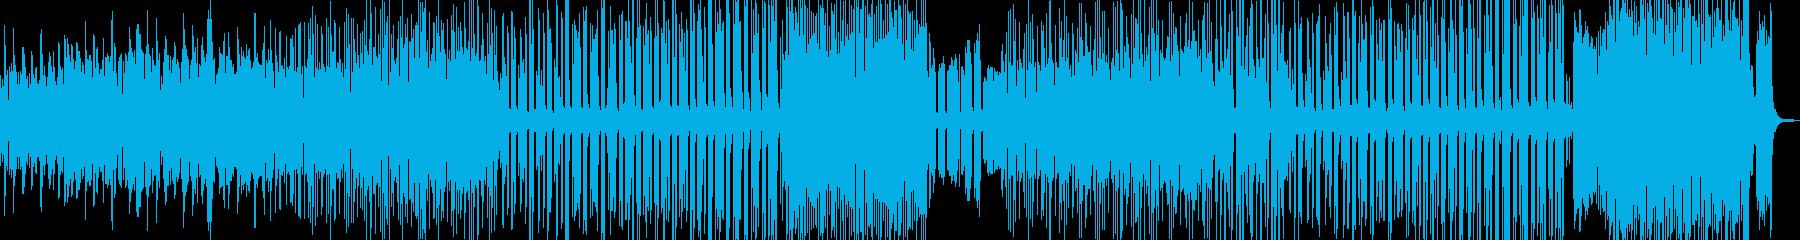 爆笑珍事件・トランペットテクノポップ Aの再生済みの波形